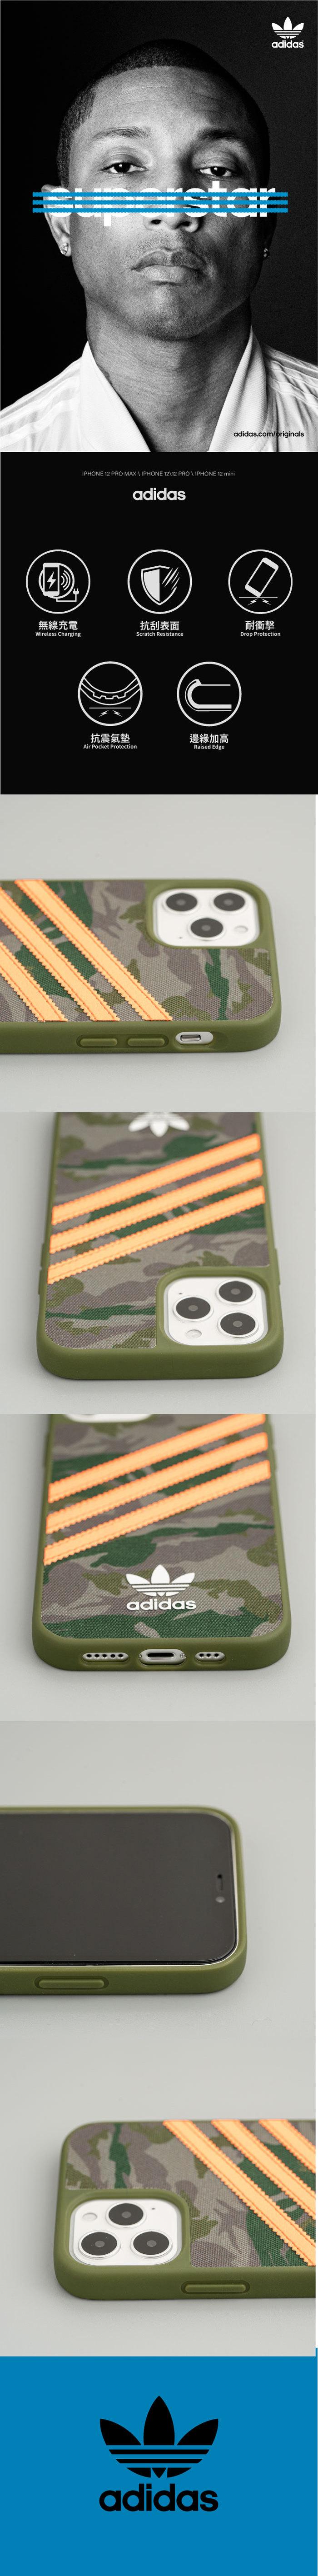 Adidas iPhone 12/12 Pro 手機殼 Originals 經典三線 迷彩系列